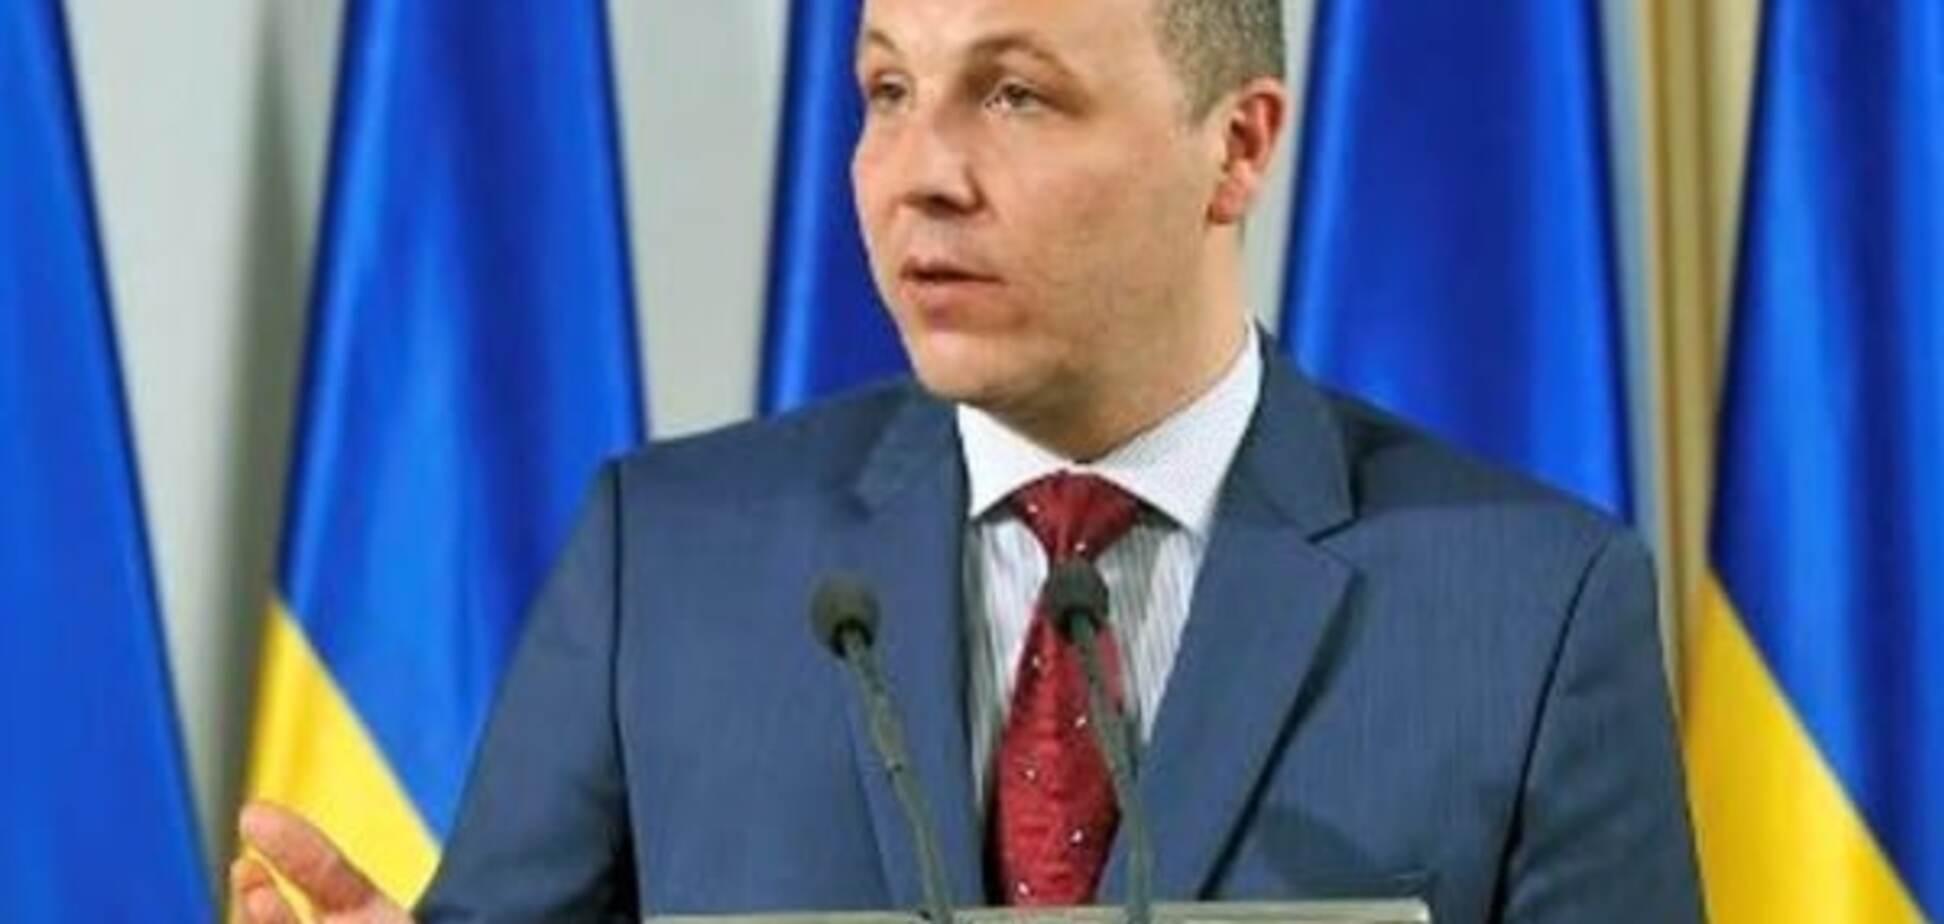 Парубий рассказал, что может сделать Луценко-генпрокурор